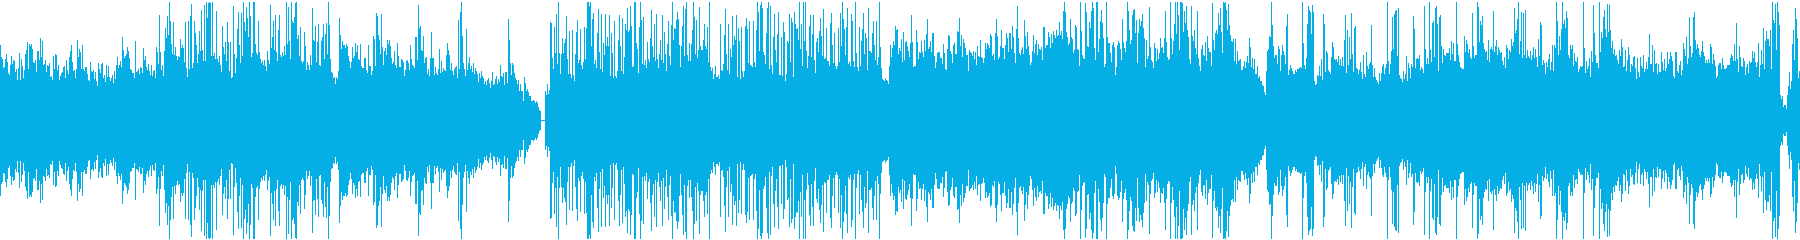 かっこいいオリエンタル曲(ループ)の再生済みの波形